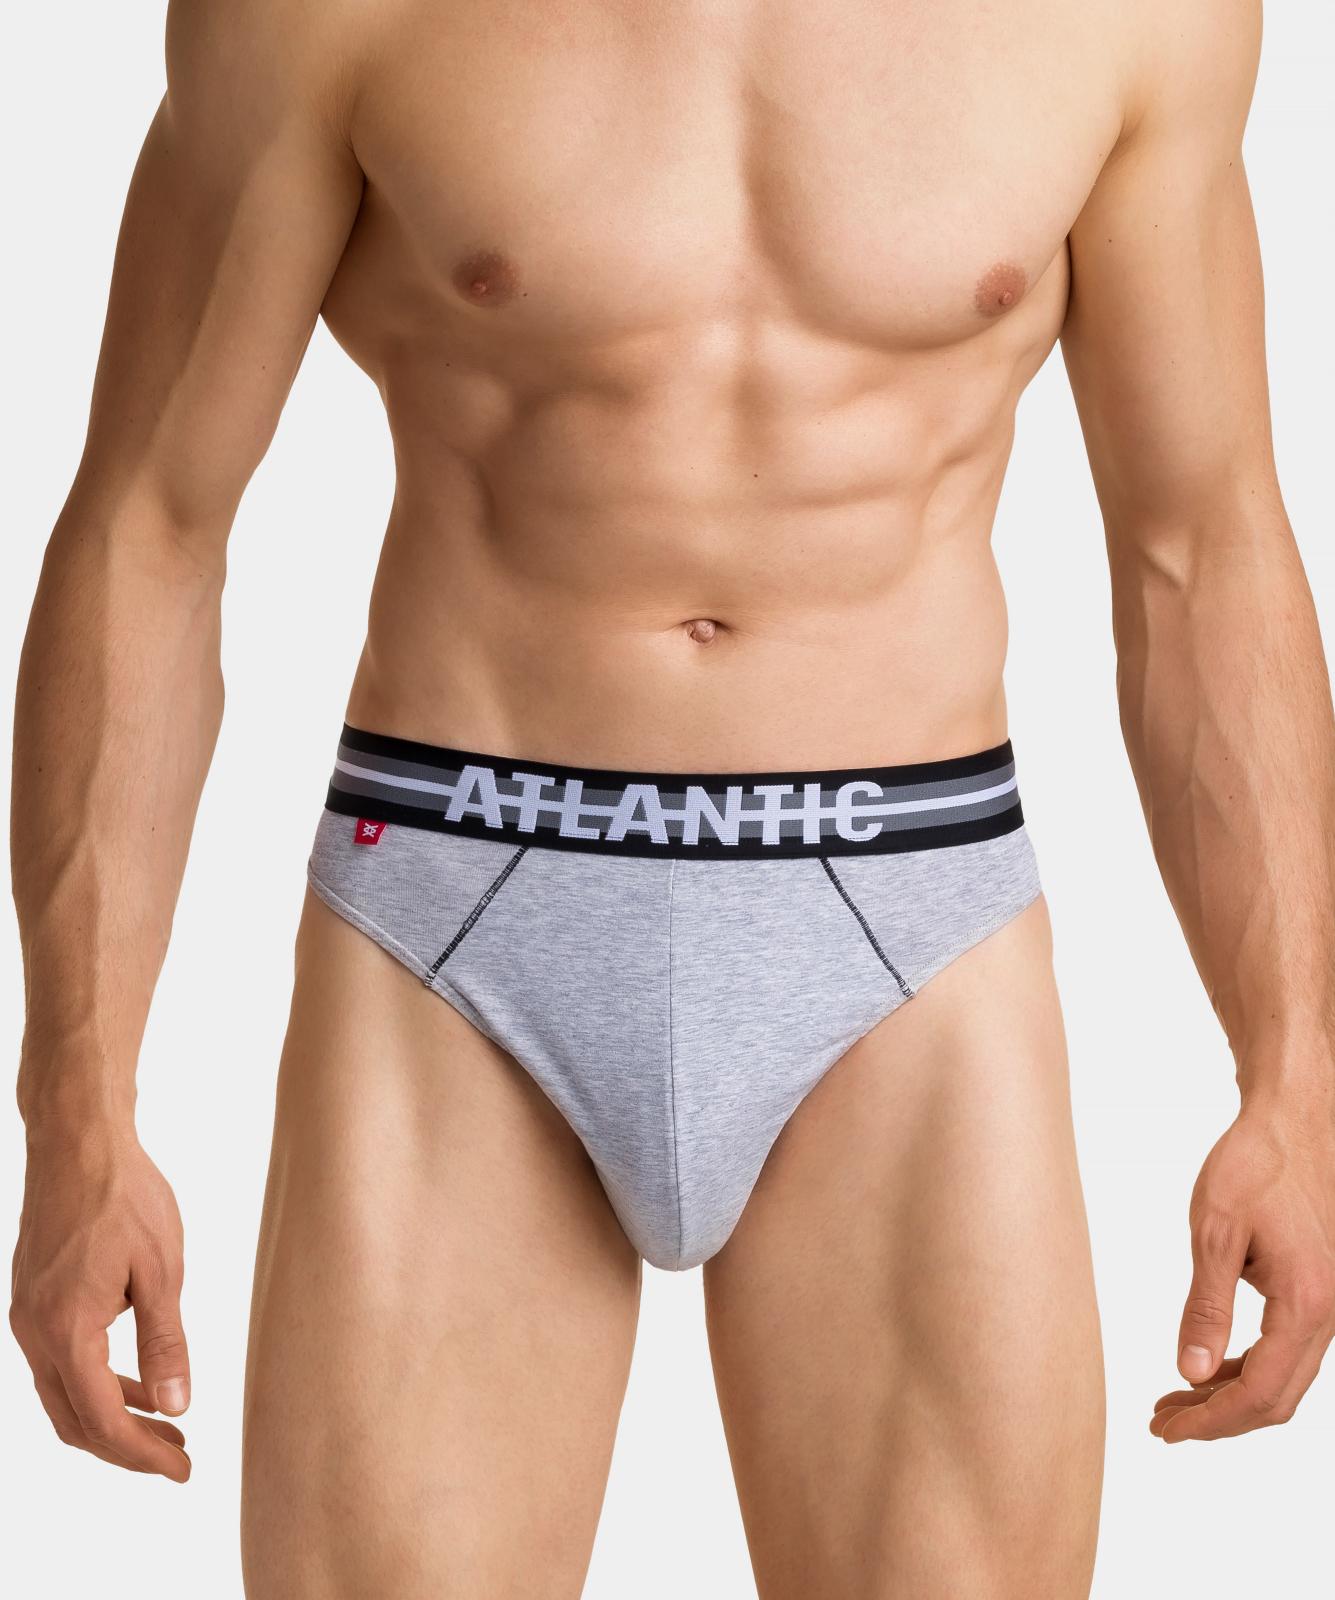 Мужские трусы слипы спорт Atlantic, набор 3 шт., хлопок, хаки + серый меланж + оранжевые, 3SMP-001